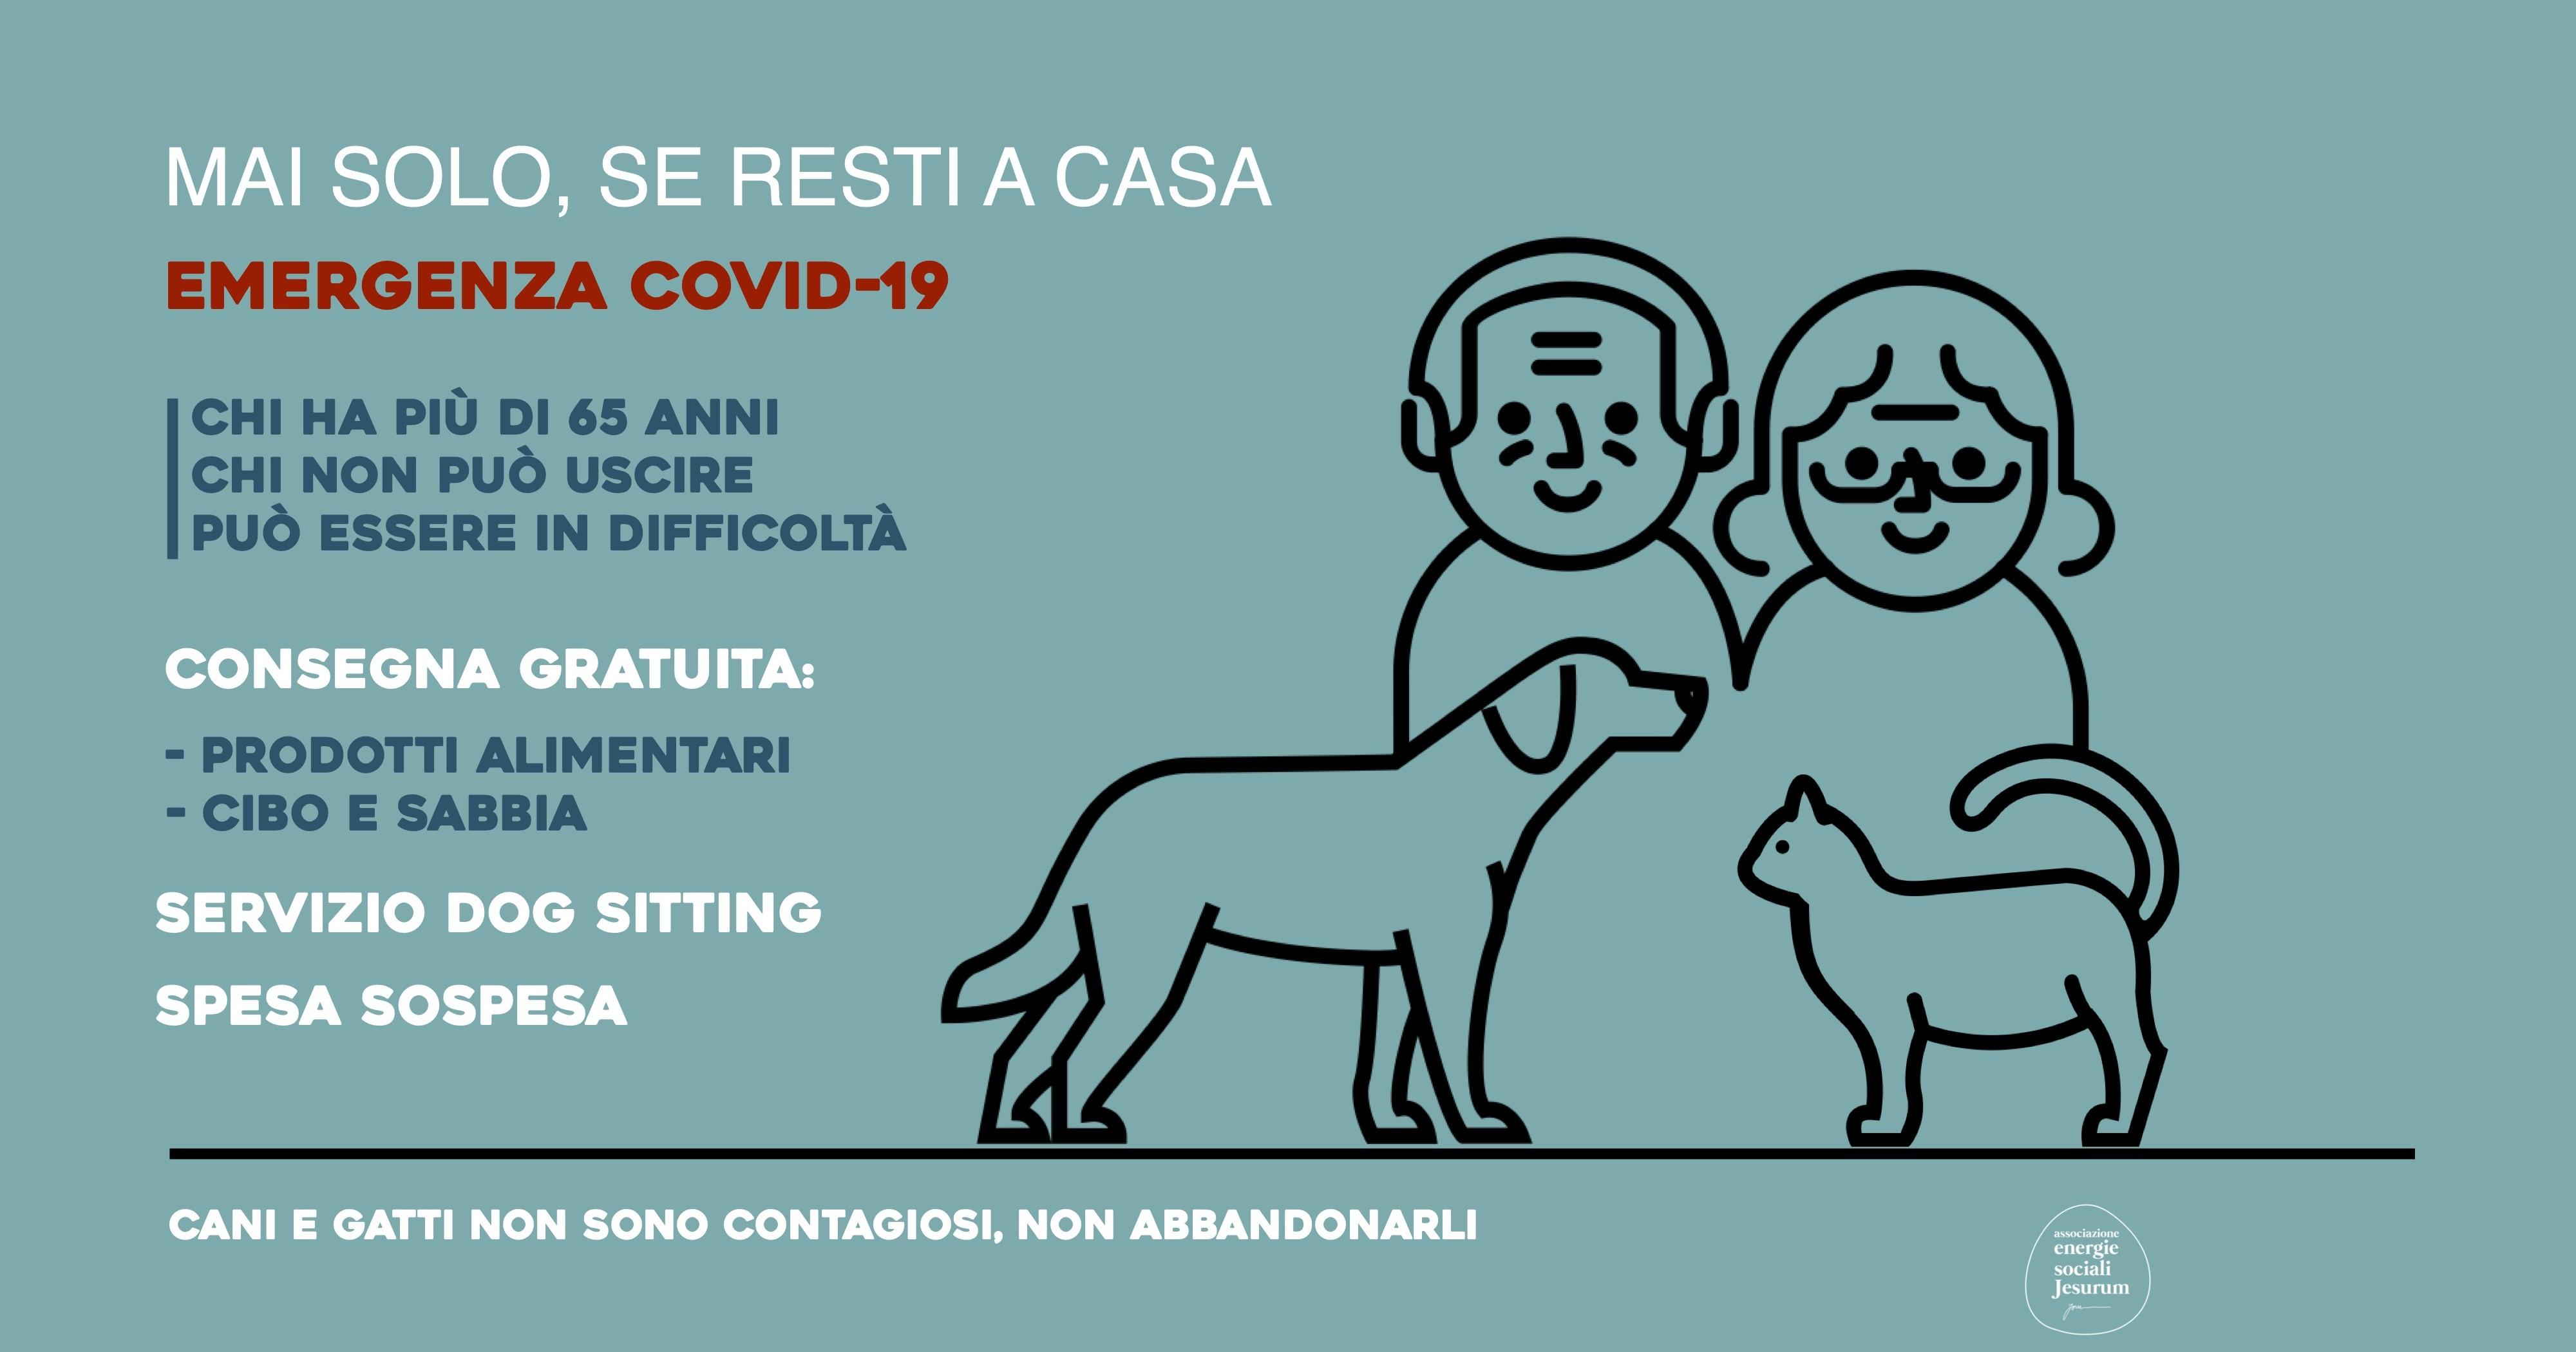 MAI SOLO, SE RESTI A CASA   COVID-19-associazione Energie Sociali Jesurum